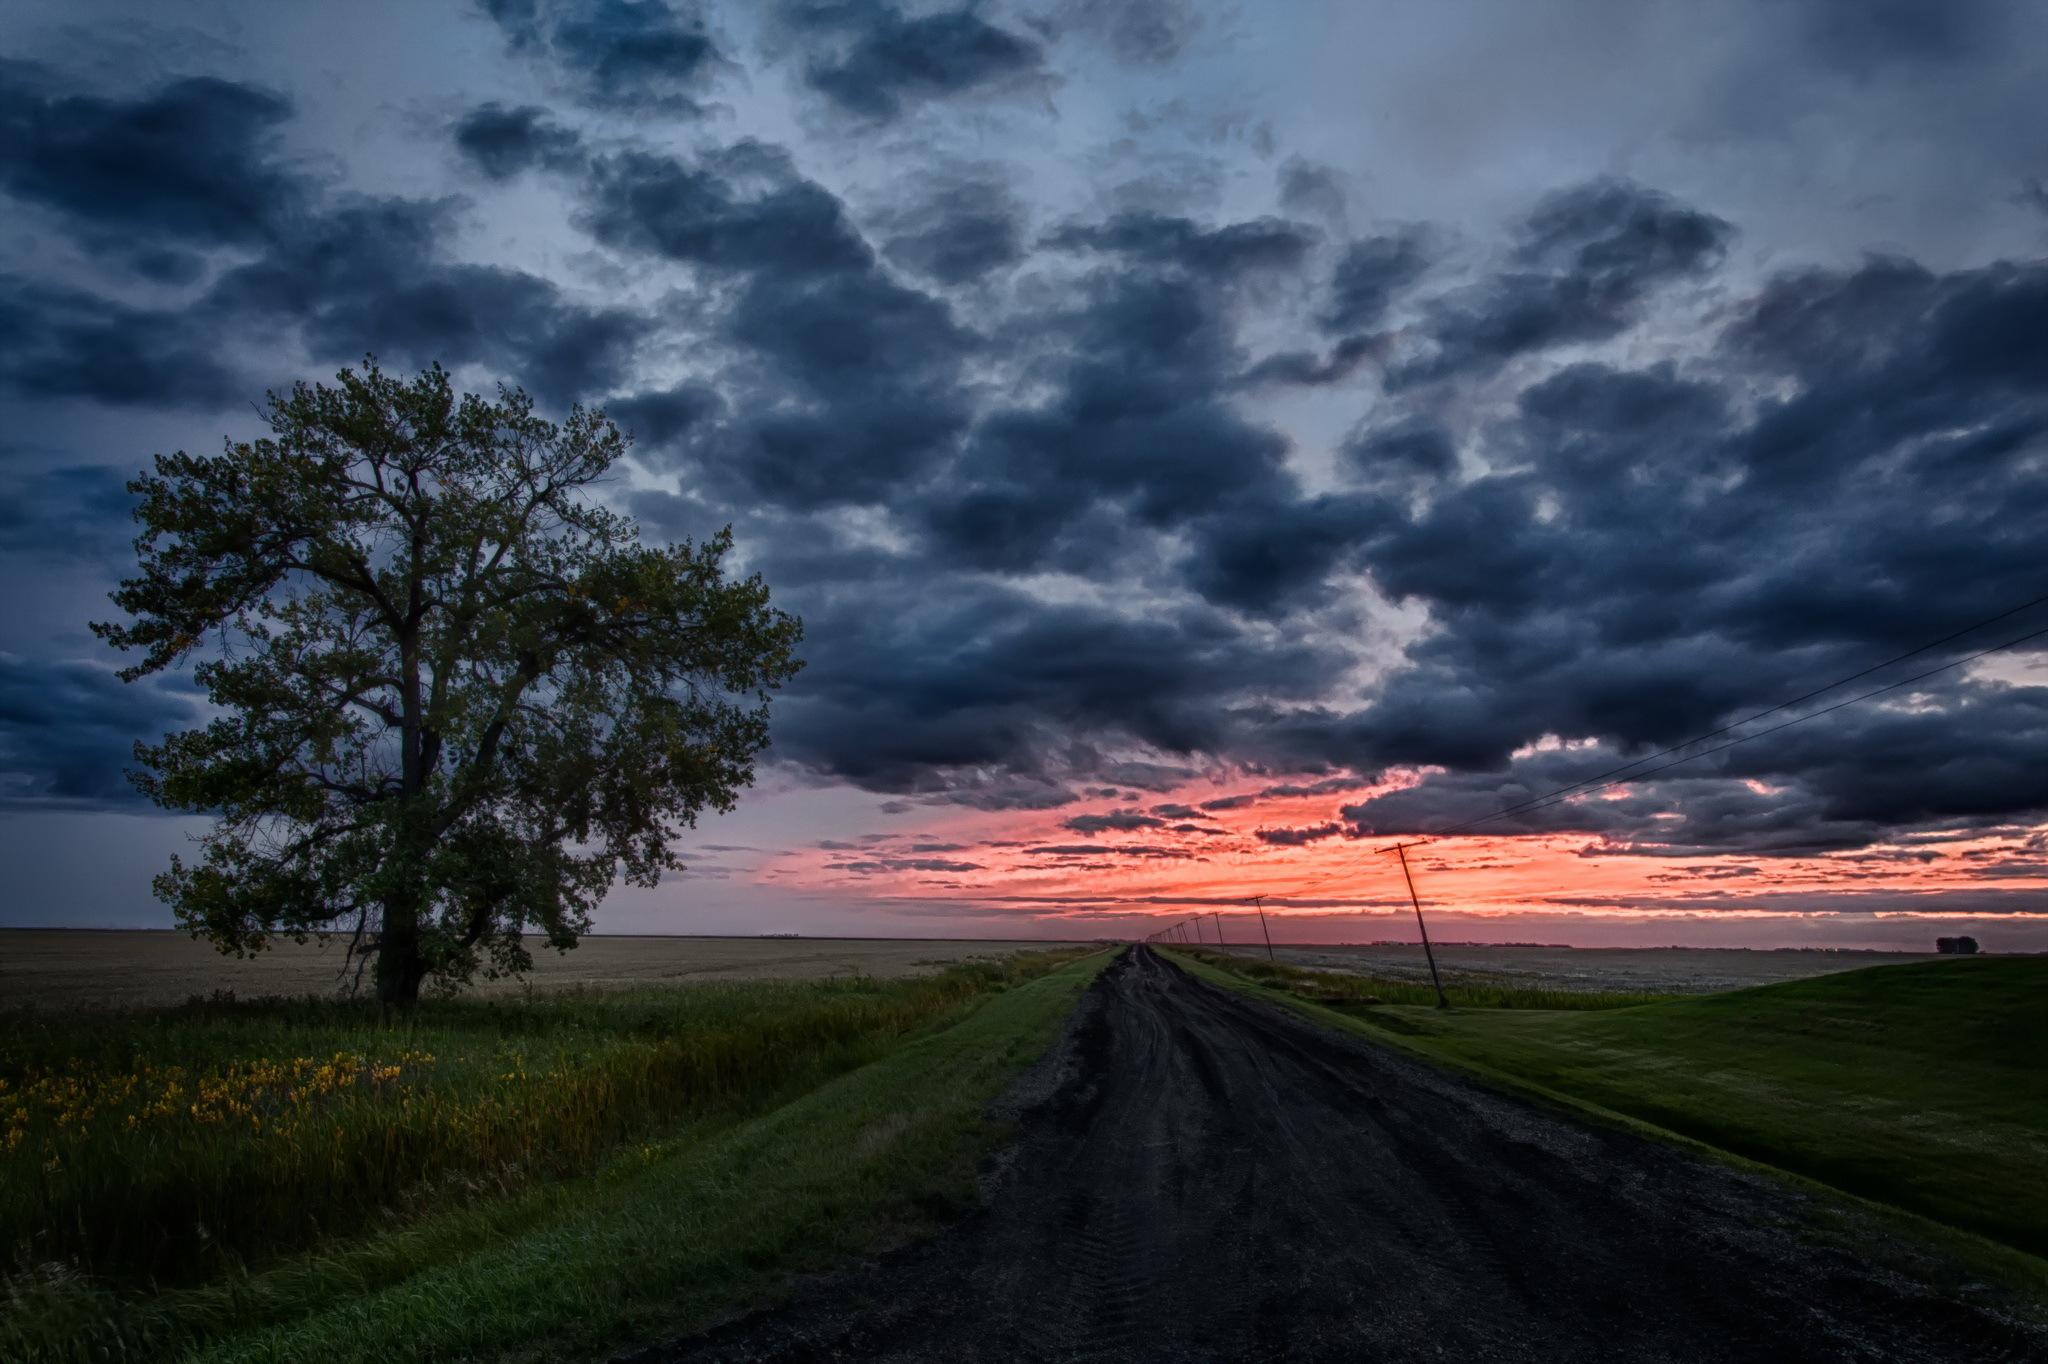 природа небо облака дорога горизонт  № 772029 без смс